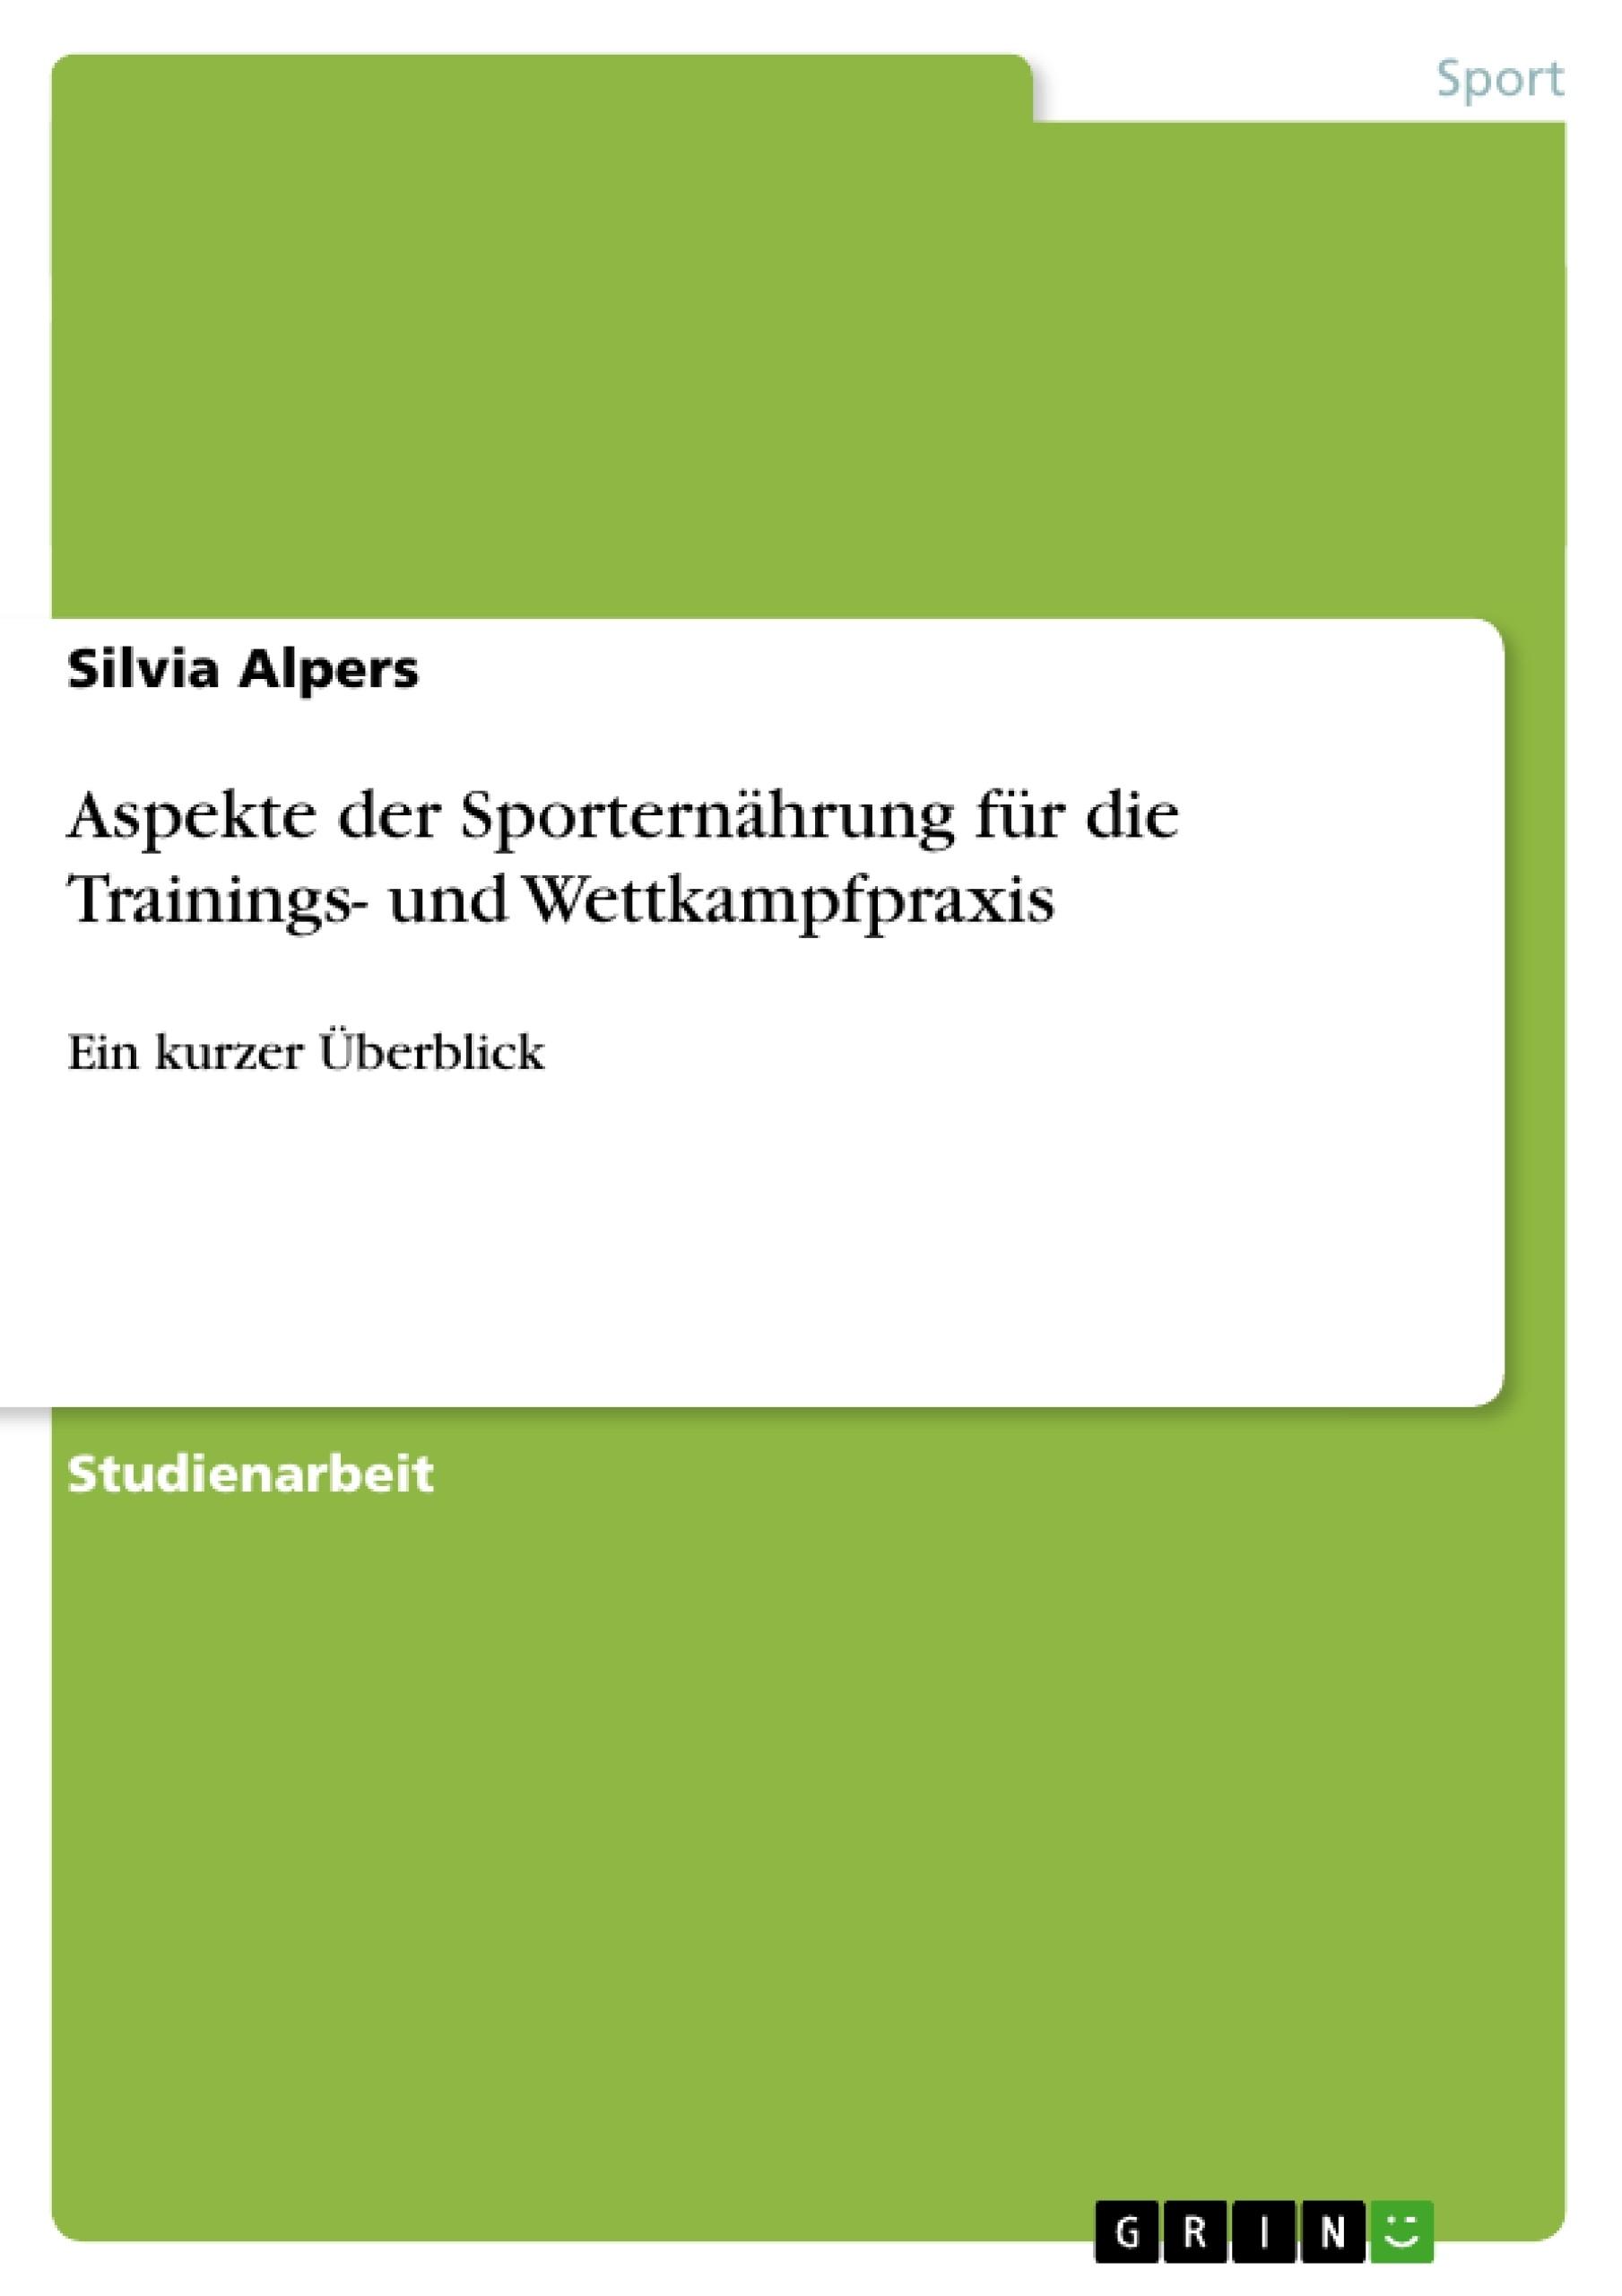 Titel: Aspekte der Sporternährung für die Trainings- und Wettkampfpraxis